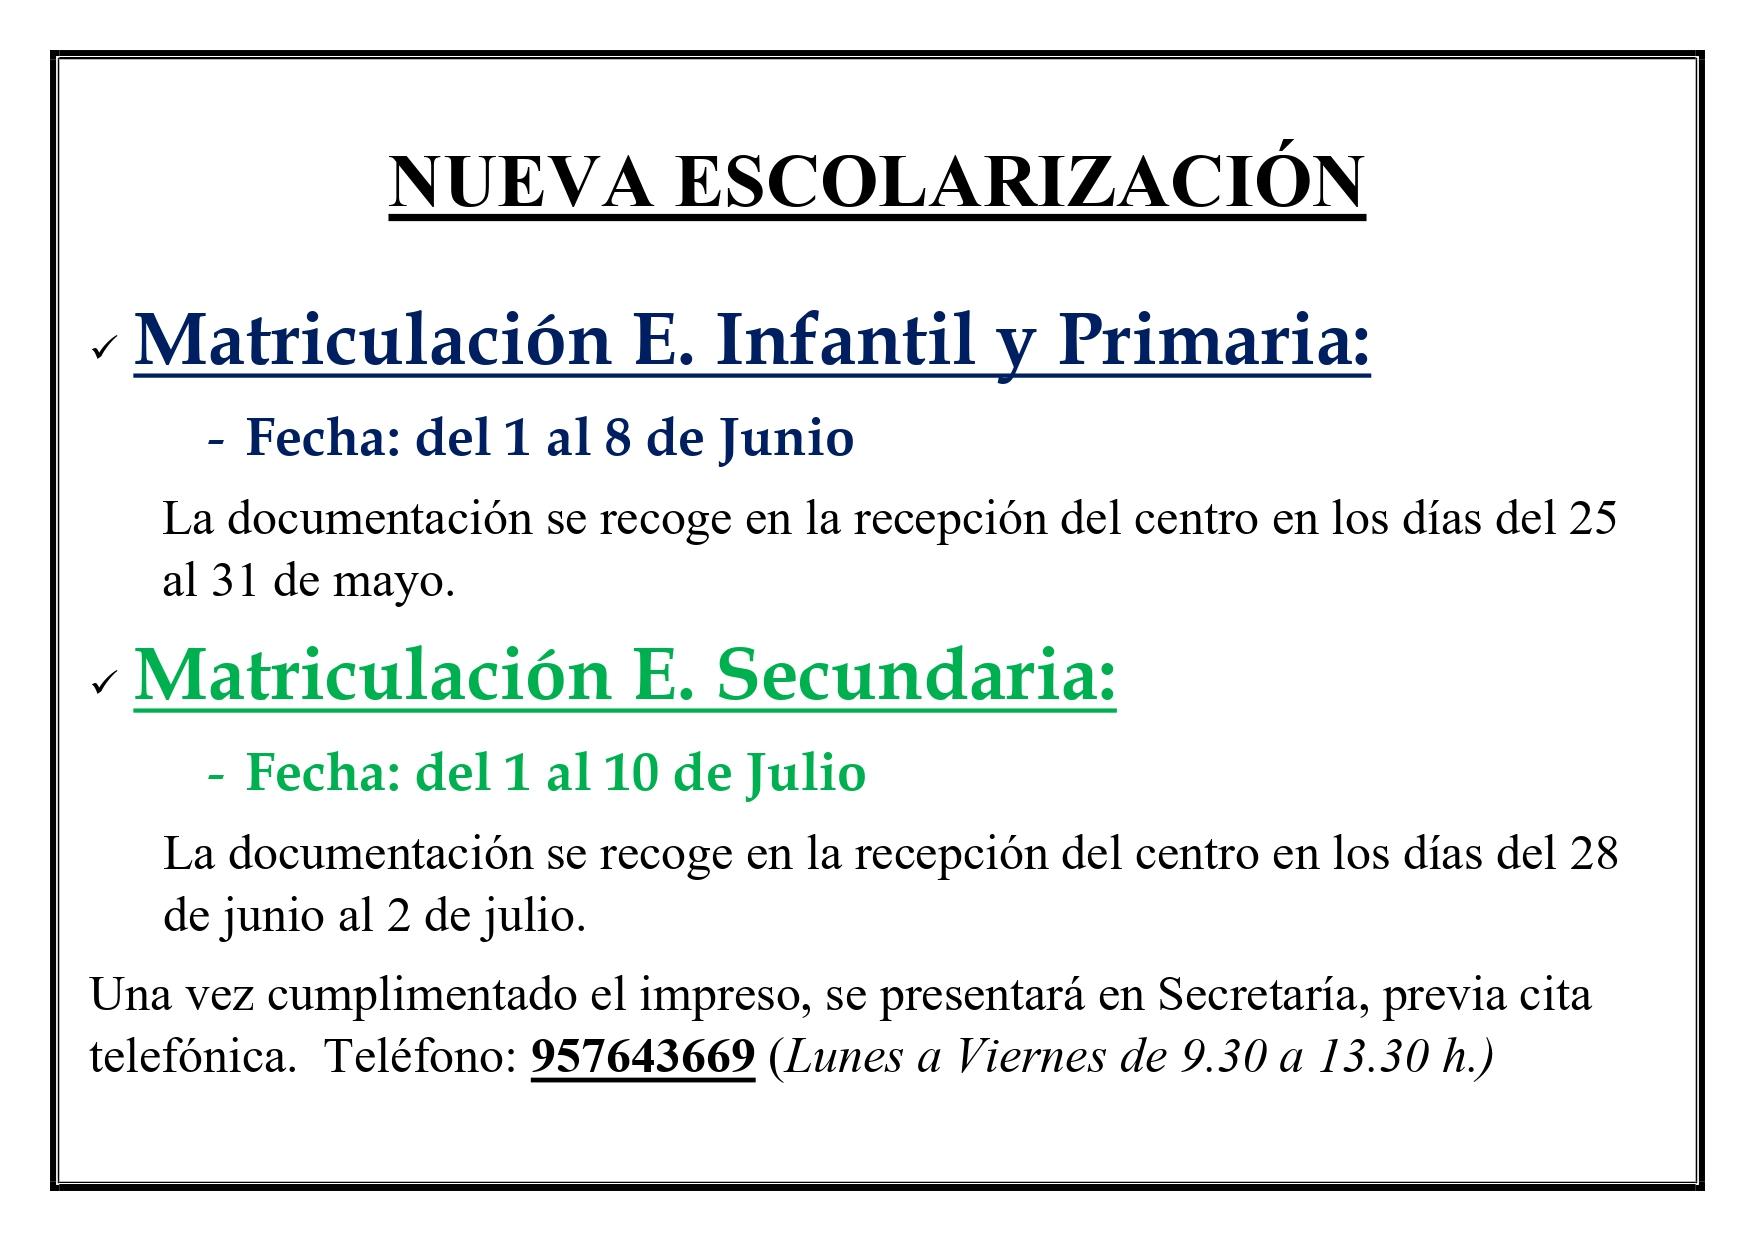 NUEVA ESCOLARIZACIÓN_page-0001